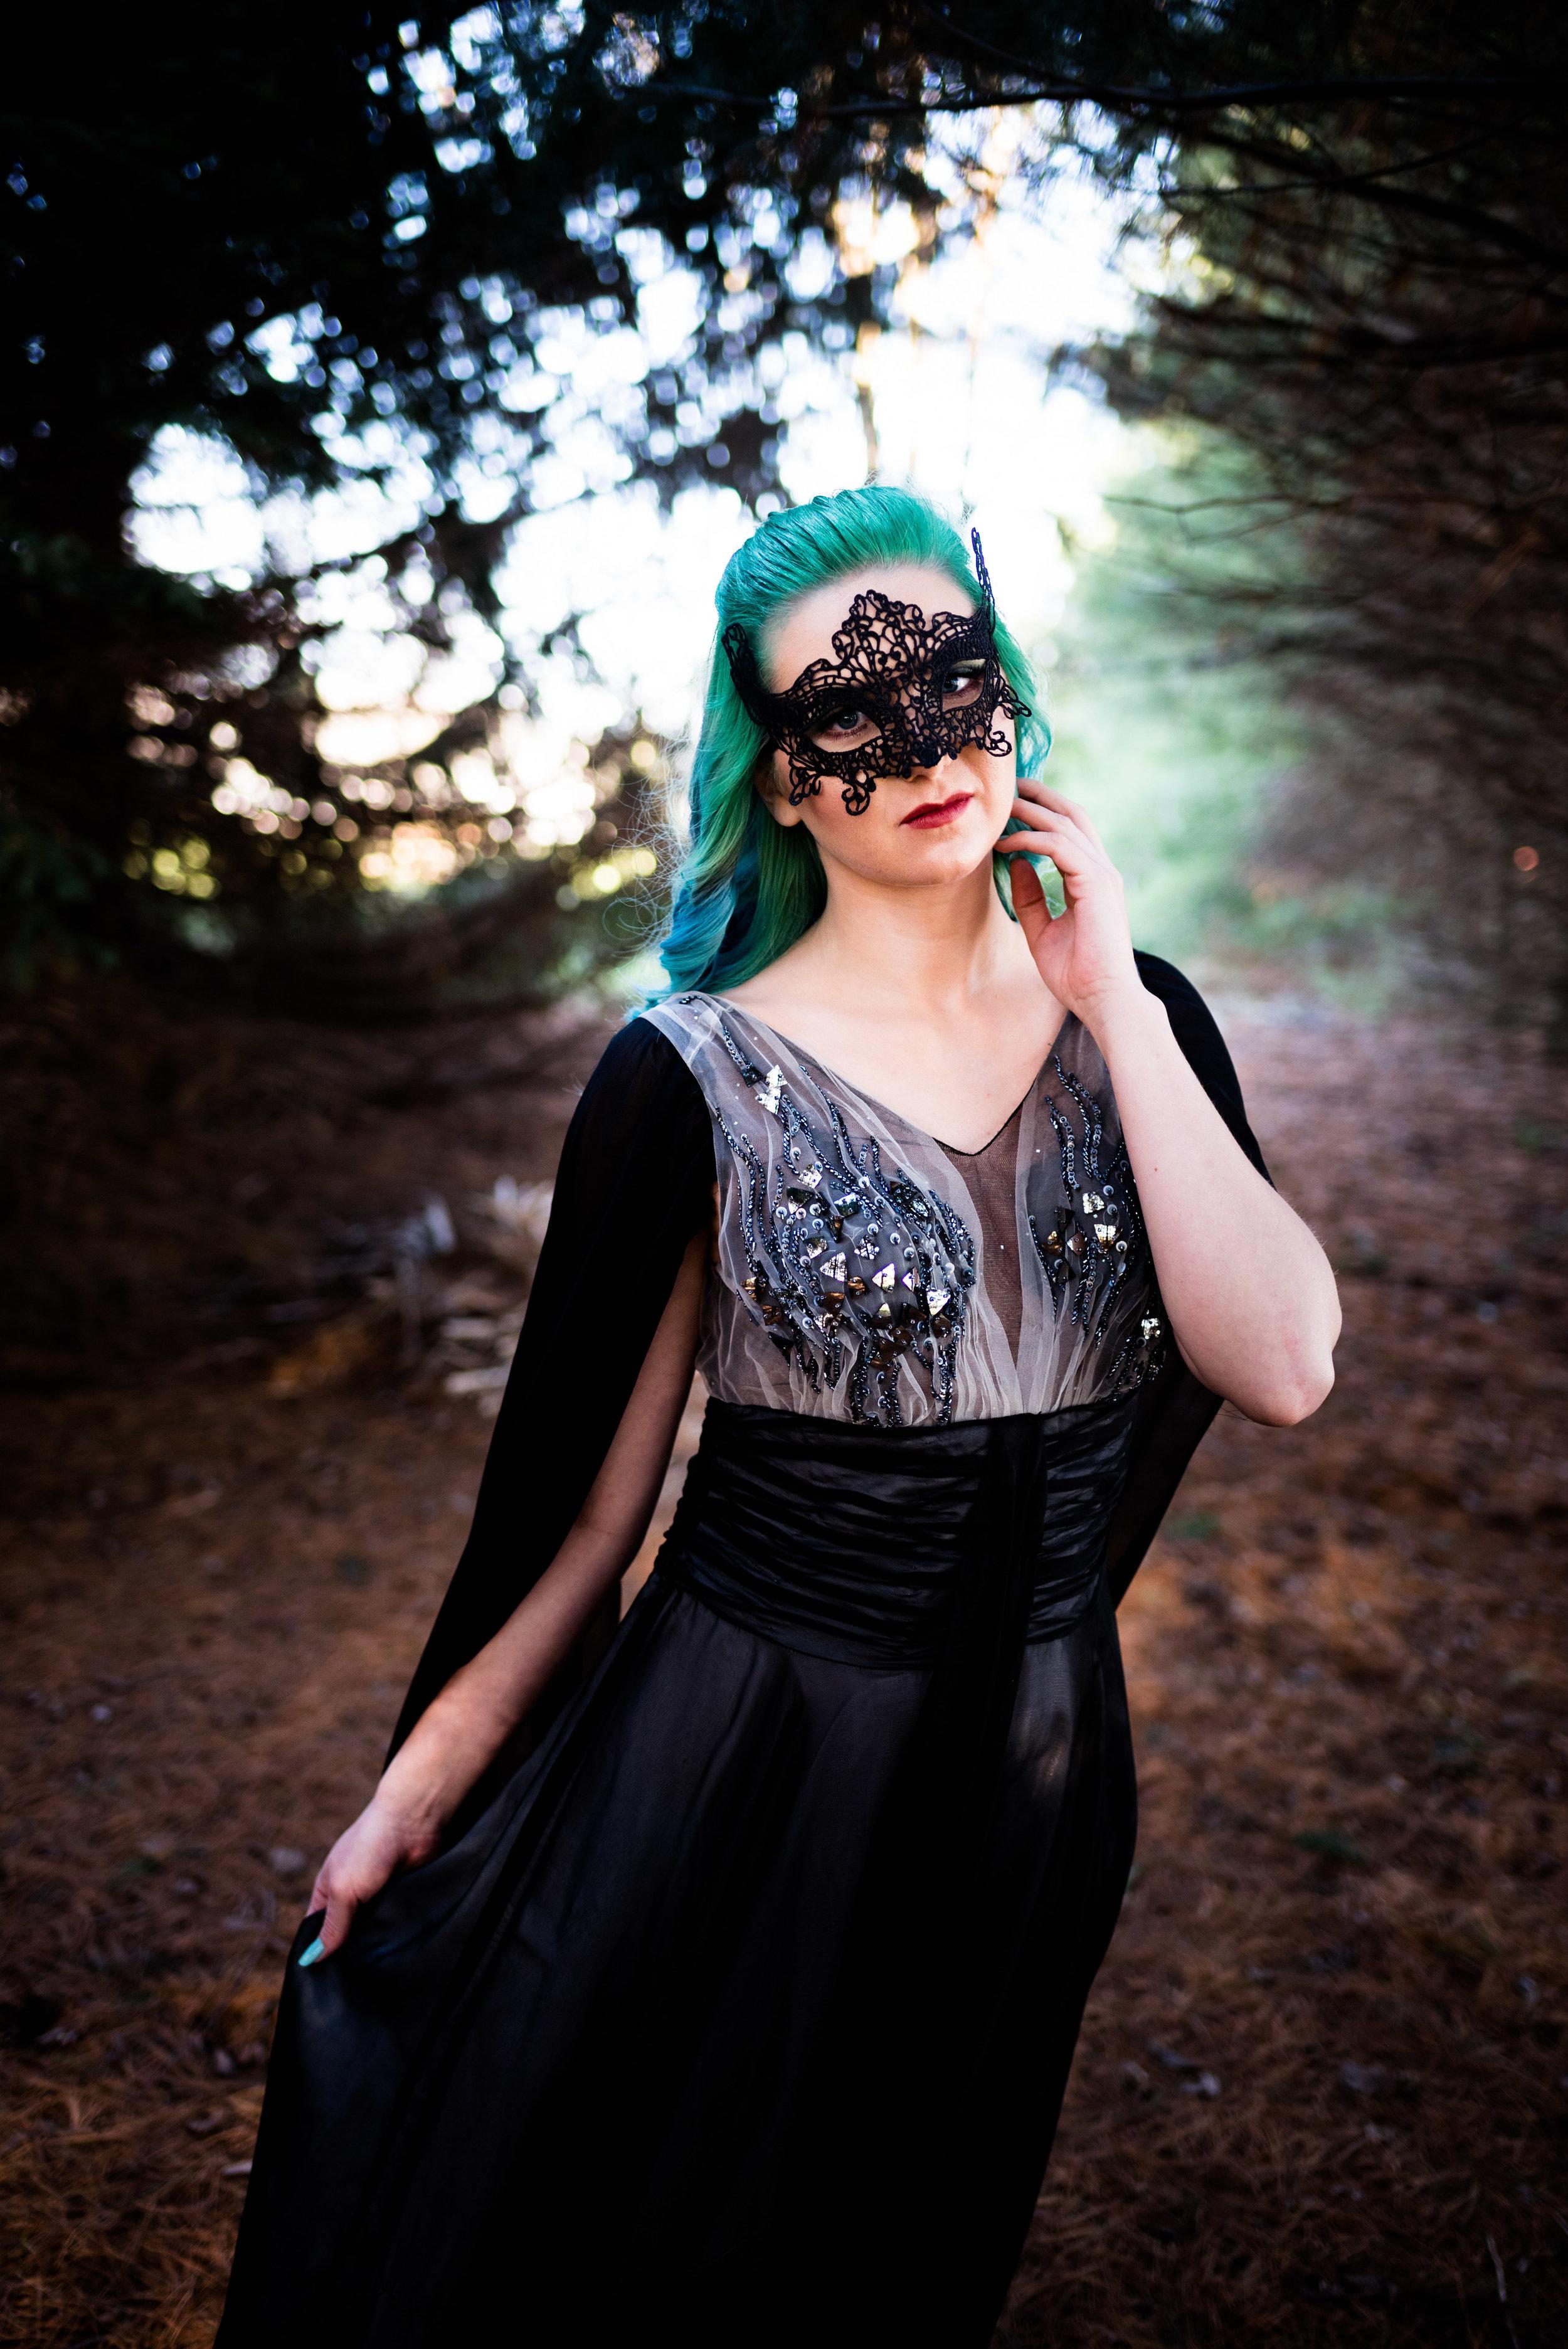 toledo model themed photo shoot black dress holloween-11.jpg